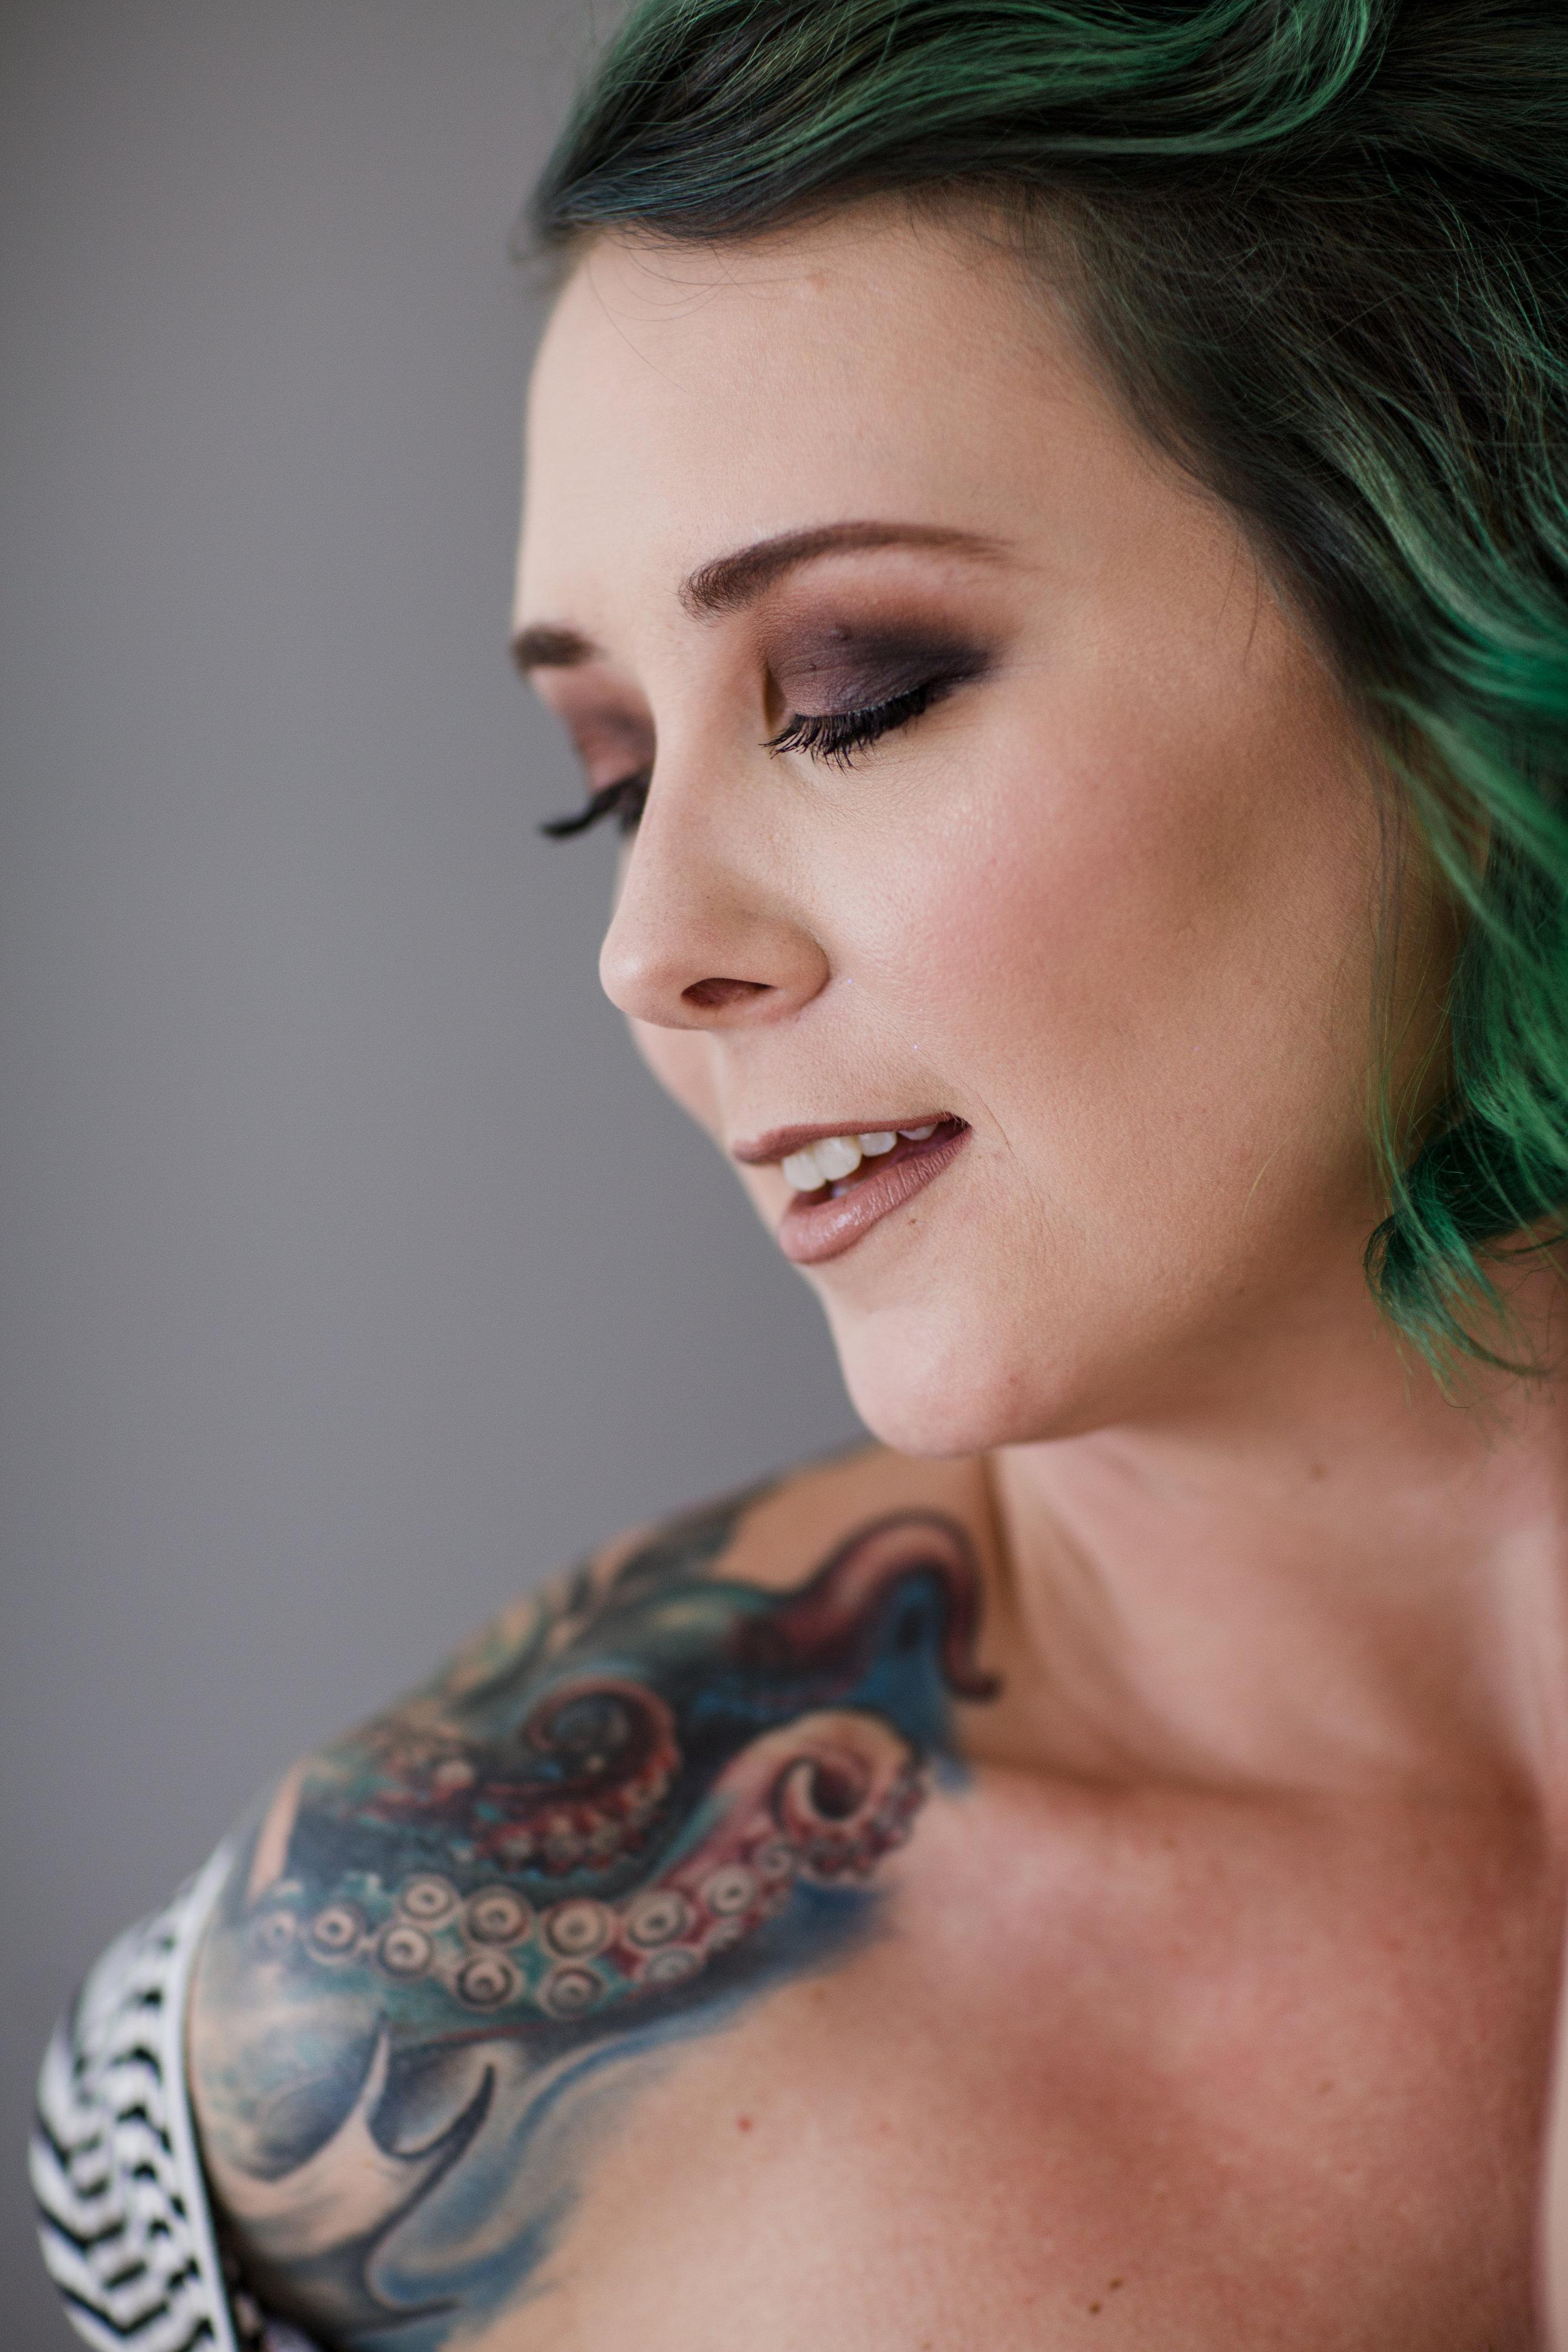 Body Positive Boudoir - Tattoos - Myrtle Beach 10